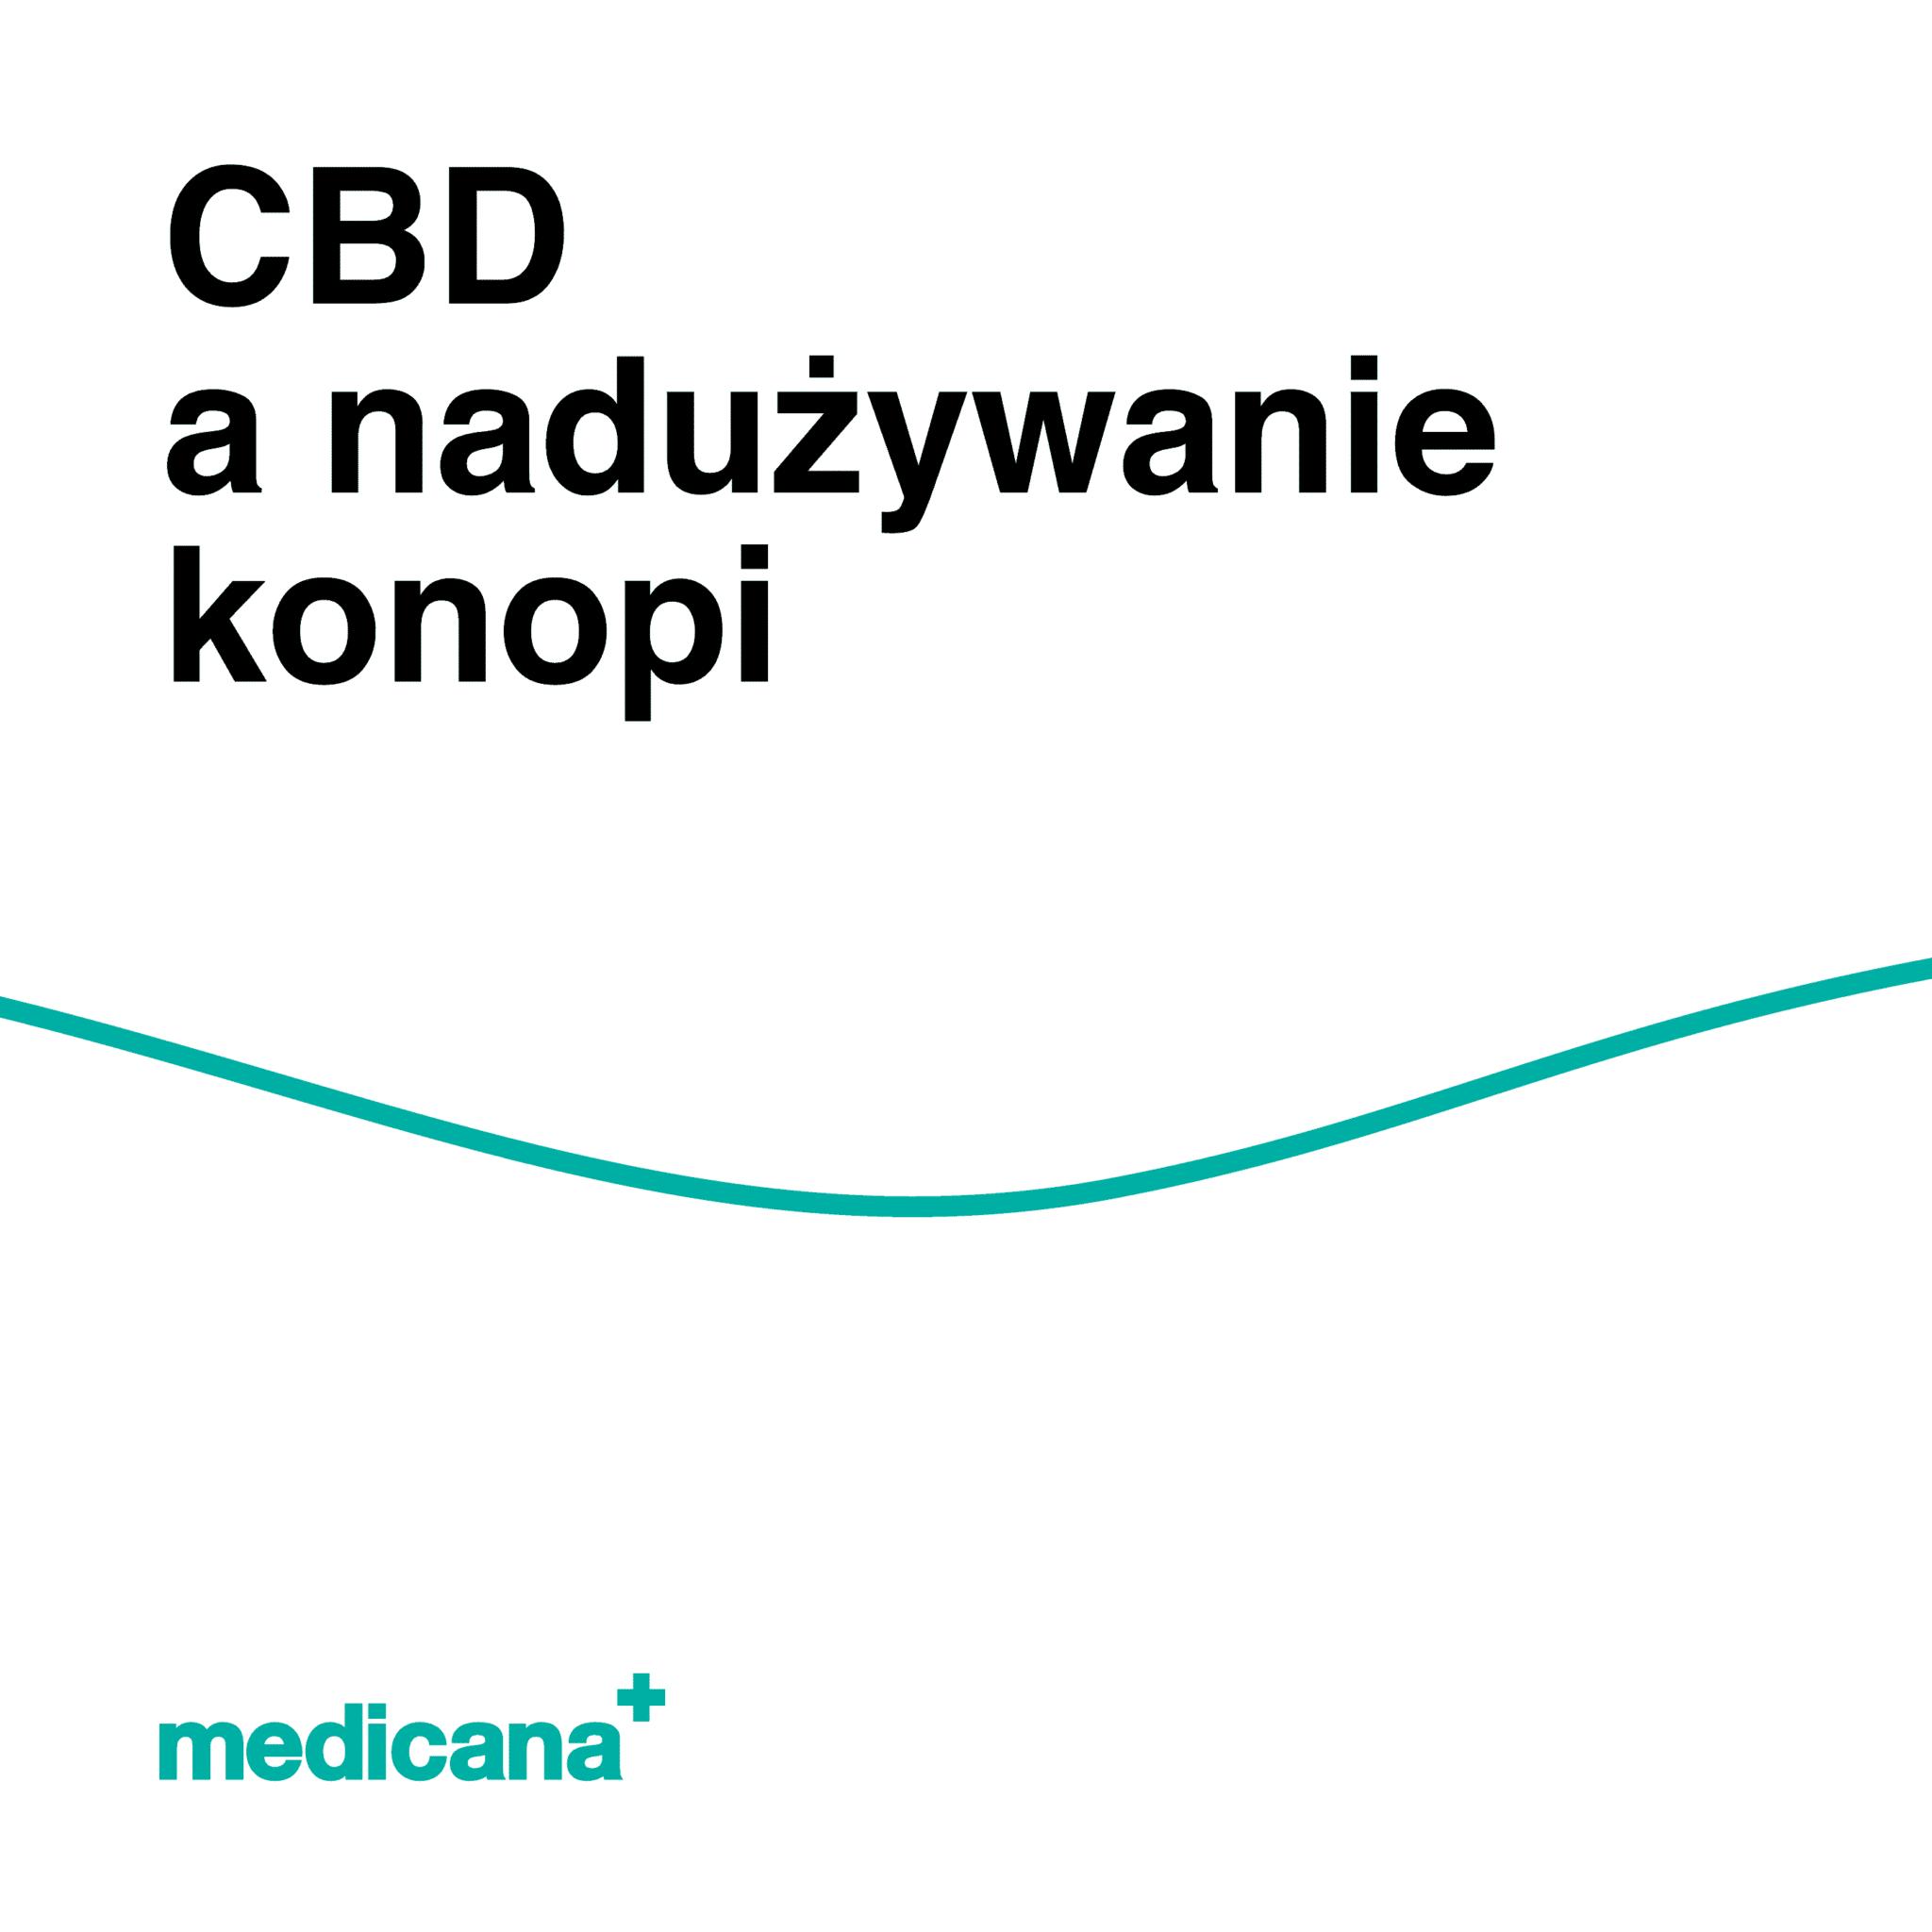 Grafika, białe tło z zieloną linią, czarnym napisem CBD a nadużywanie konopi oraz zielonym logo Medicana w lewym dolnym rogu.